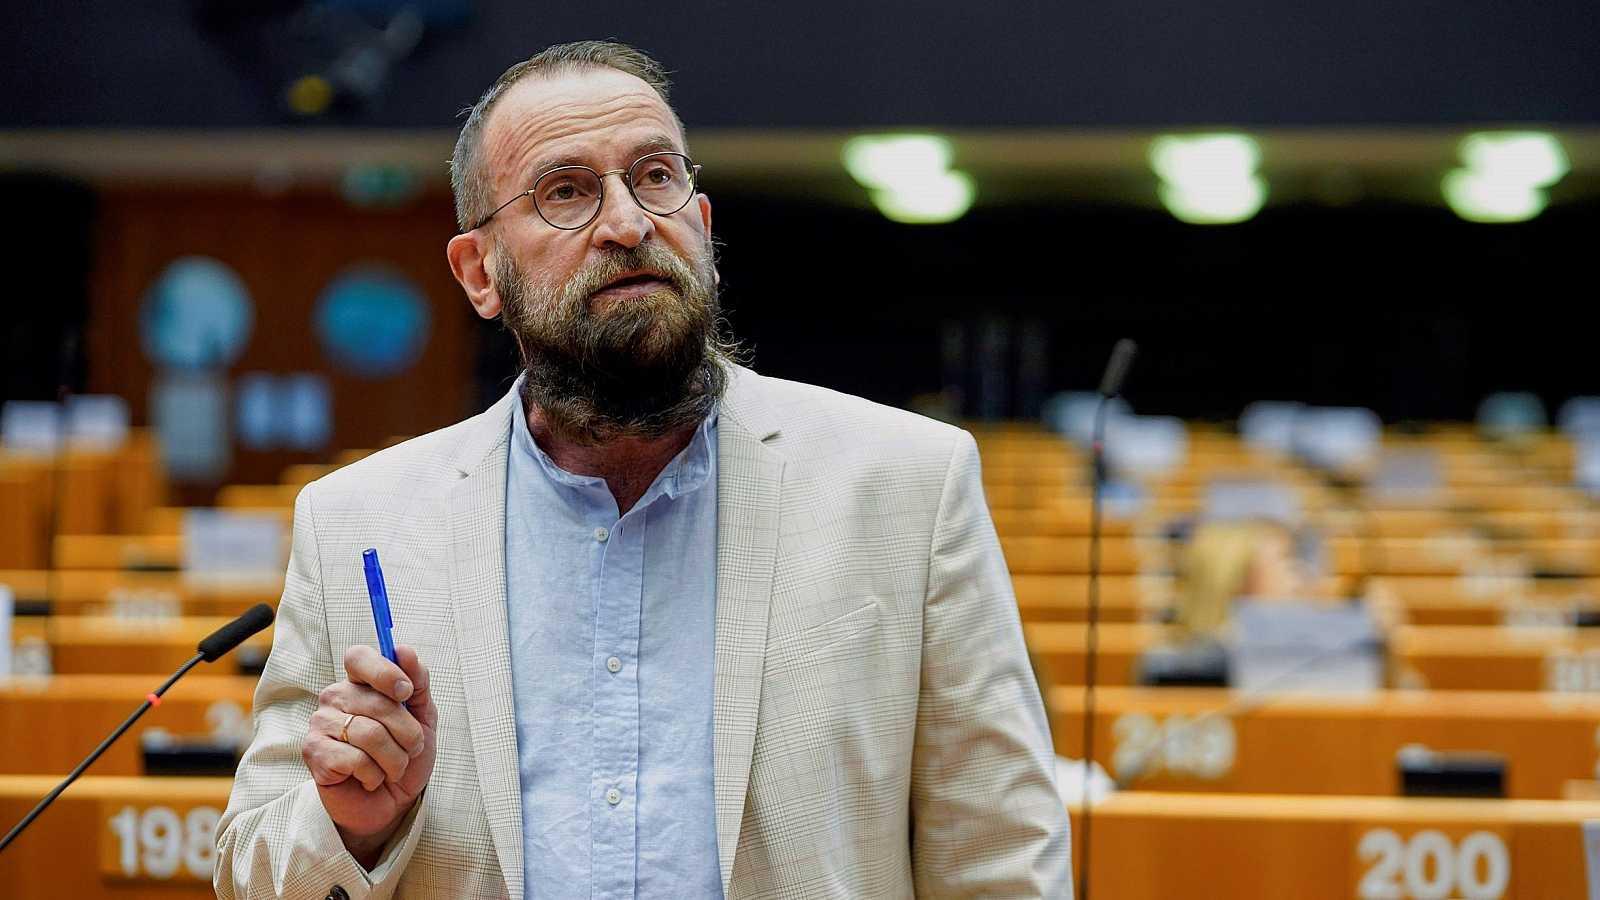 Dimite un eurodiputado húngaro por participar en una orgía ilegal en Bruselas